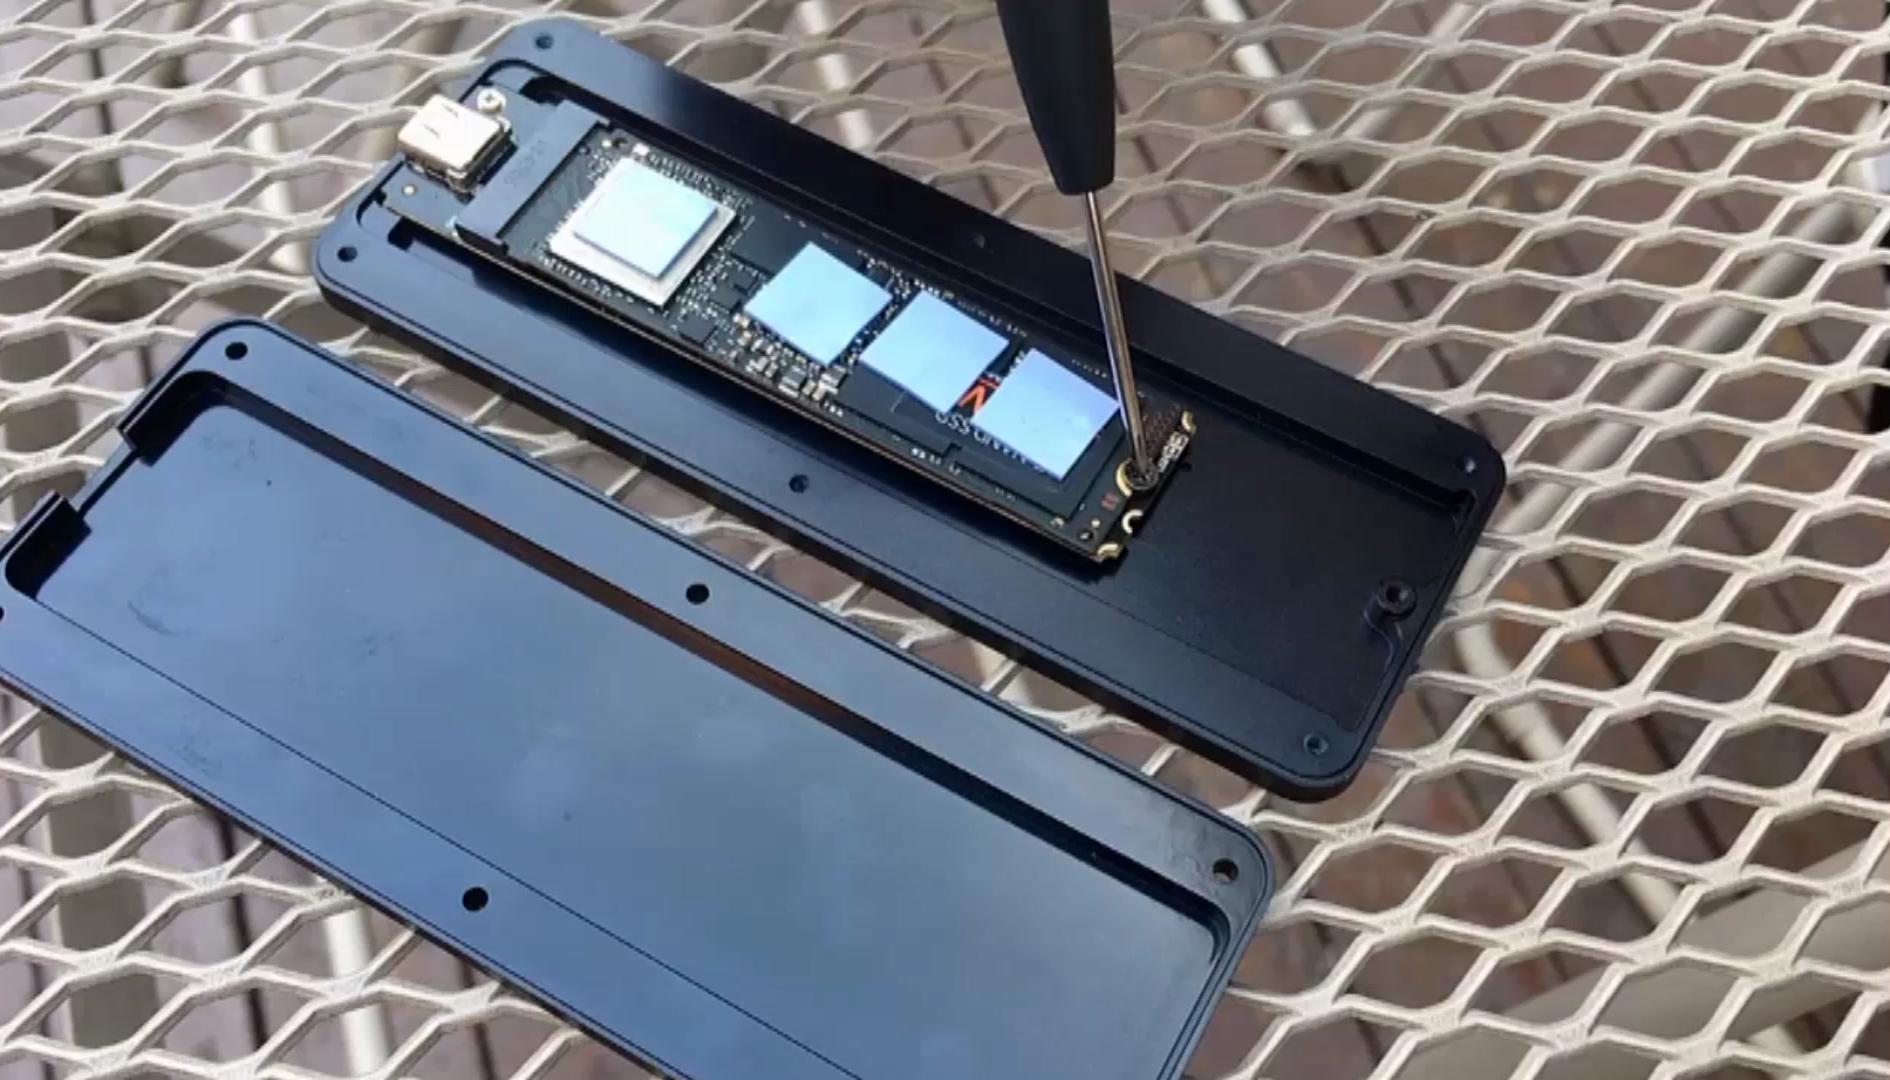 Sabrent lancia il primo SSD esterno da 8TB, tanto spazio e velocità spaventose per i dati